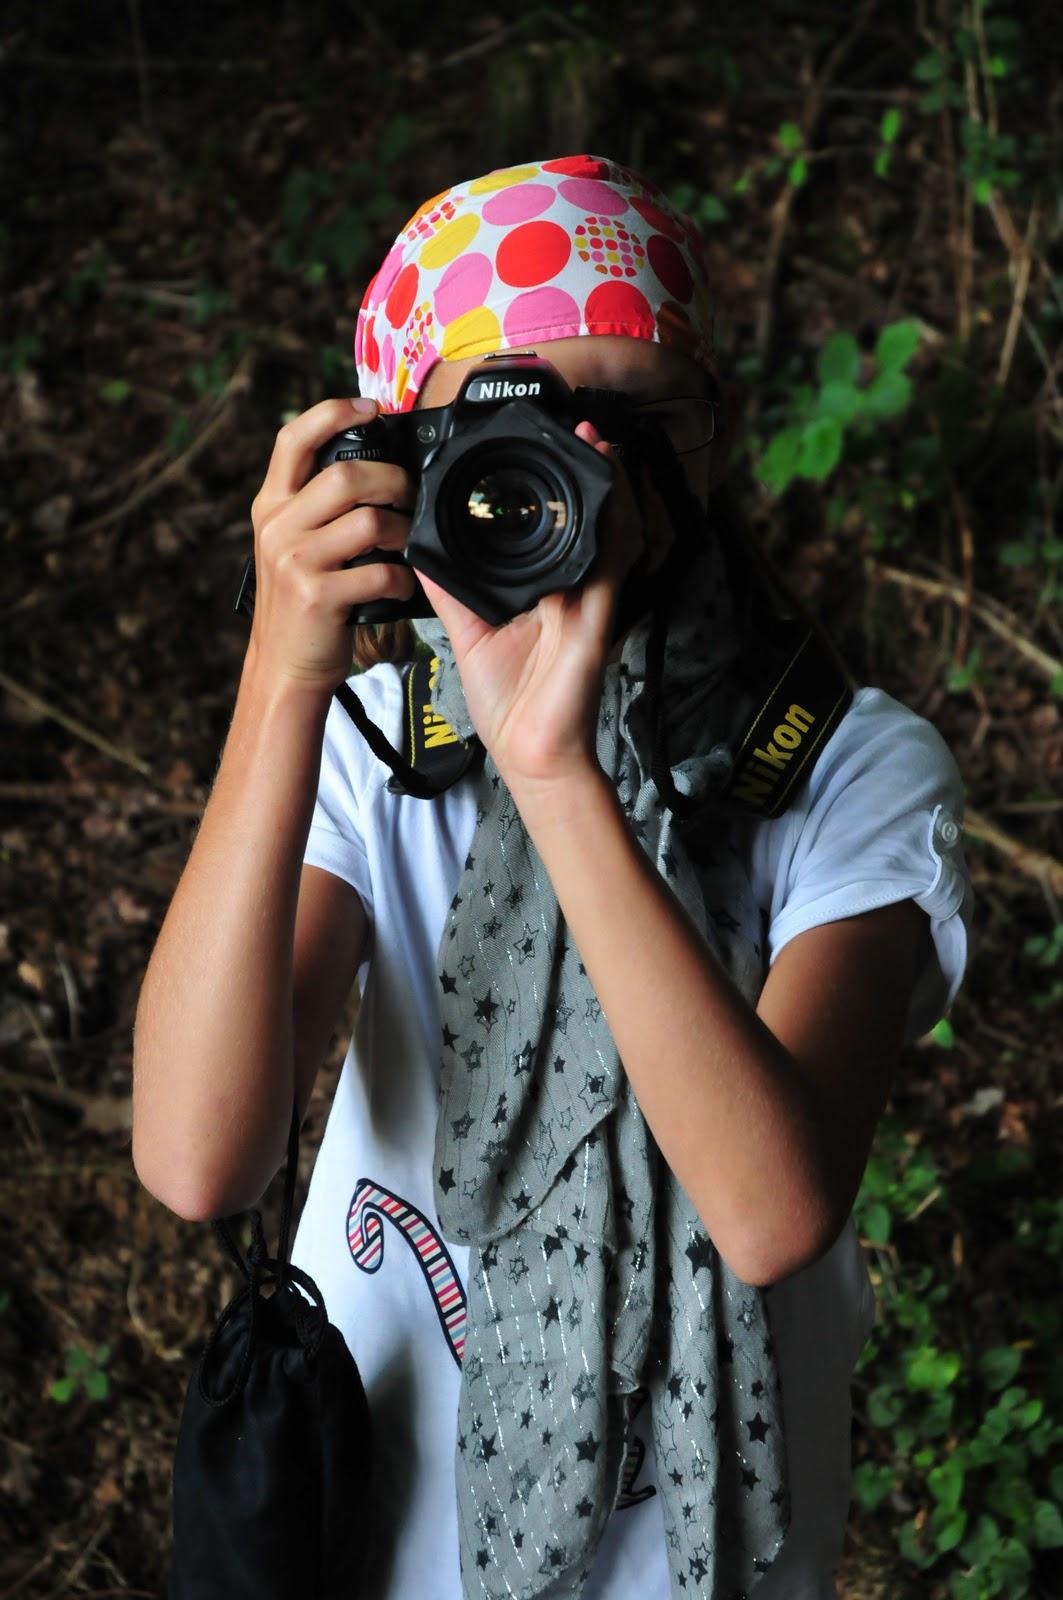 Le site devenir-photographe.eu m'a donné envie de m'y lancer